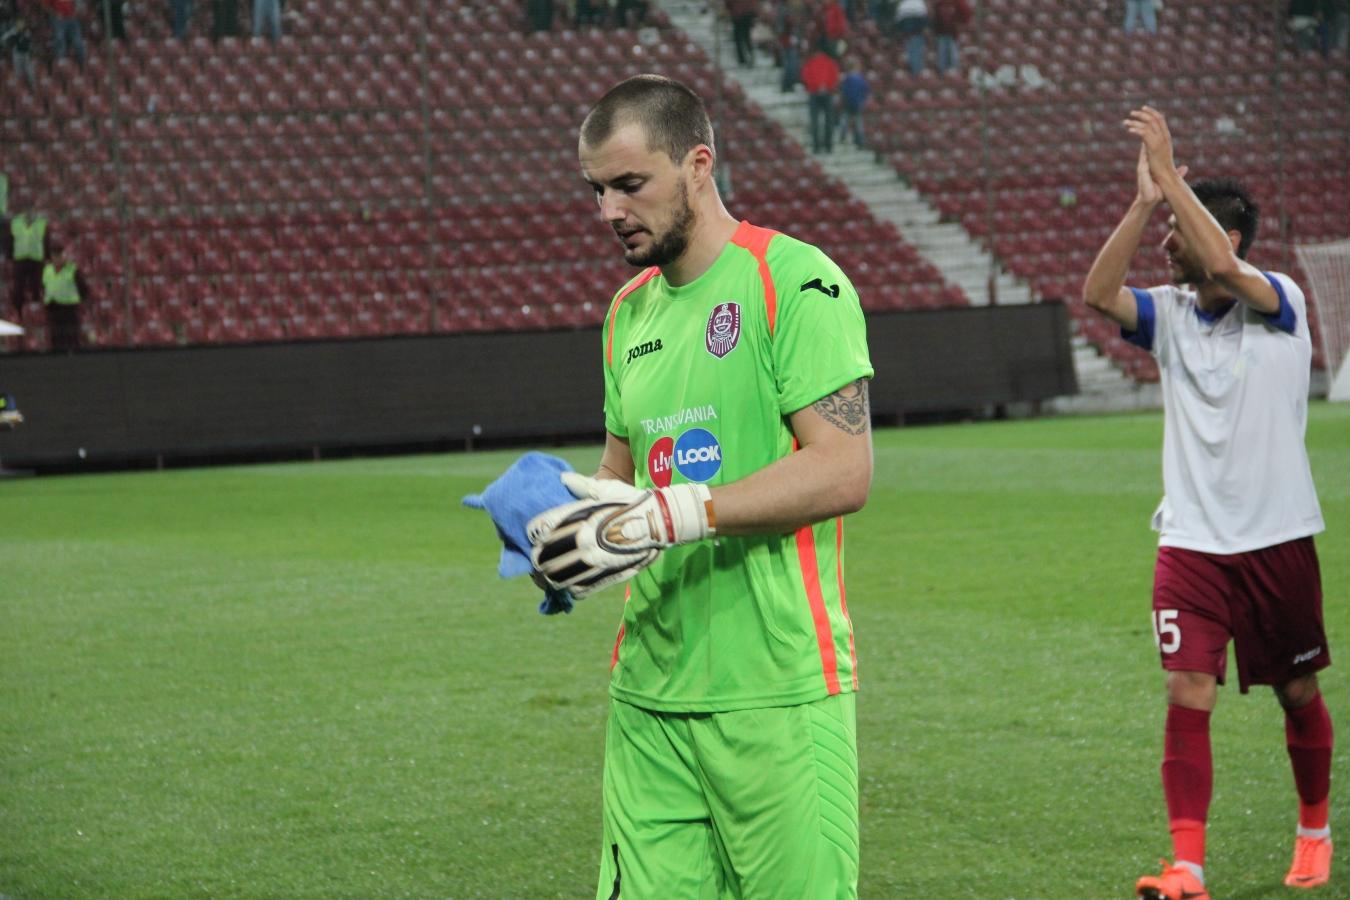 """Felgueiras e realist și anticipează un viitor sumbru la CFR. """"Sunt fericit că am jucat aici"""""""